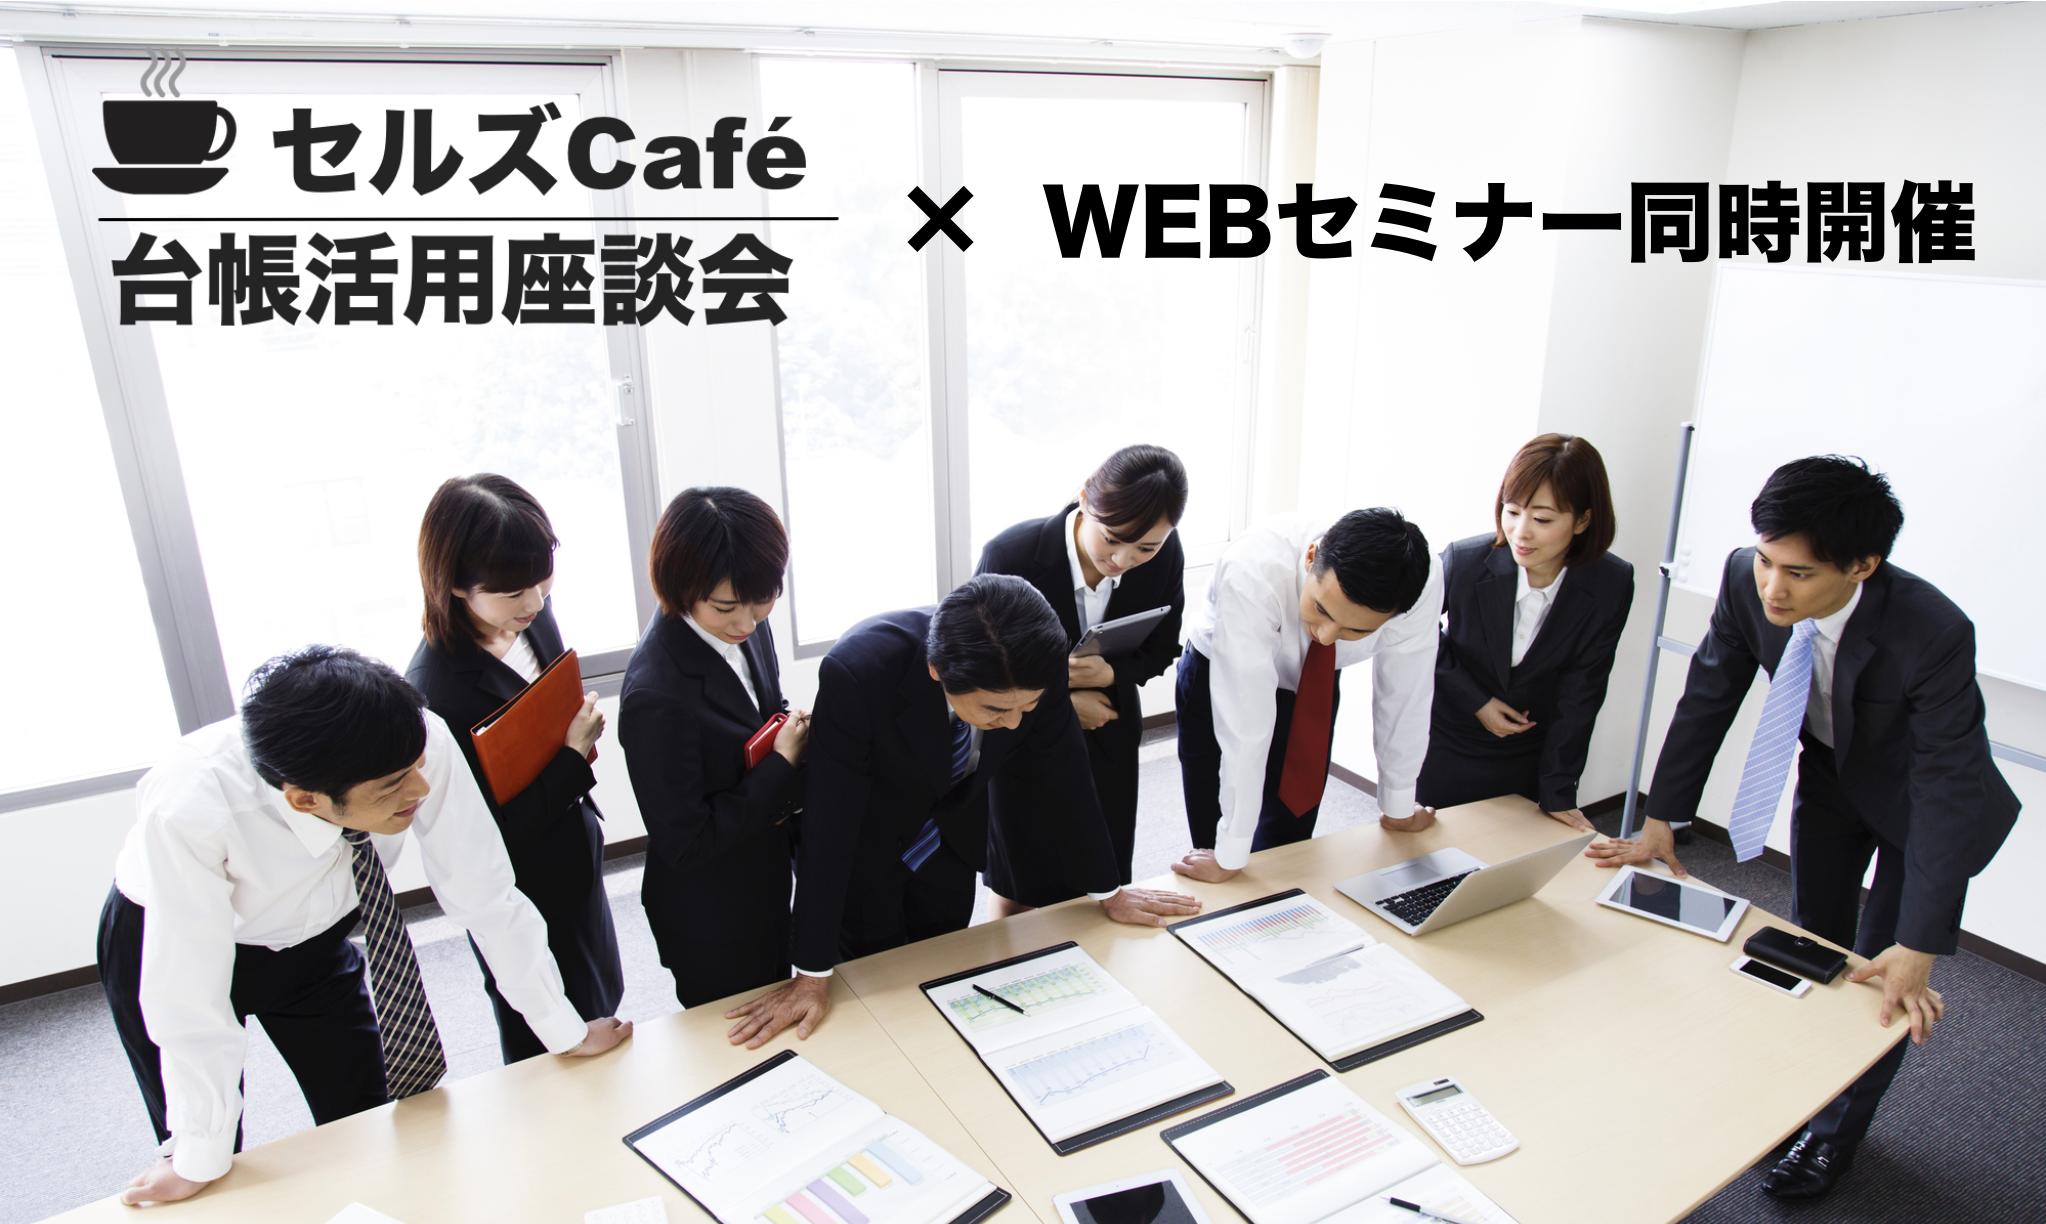 セルズ Café 台帳活用座談会<電子申請編>/WEBセミナー同時開催!